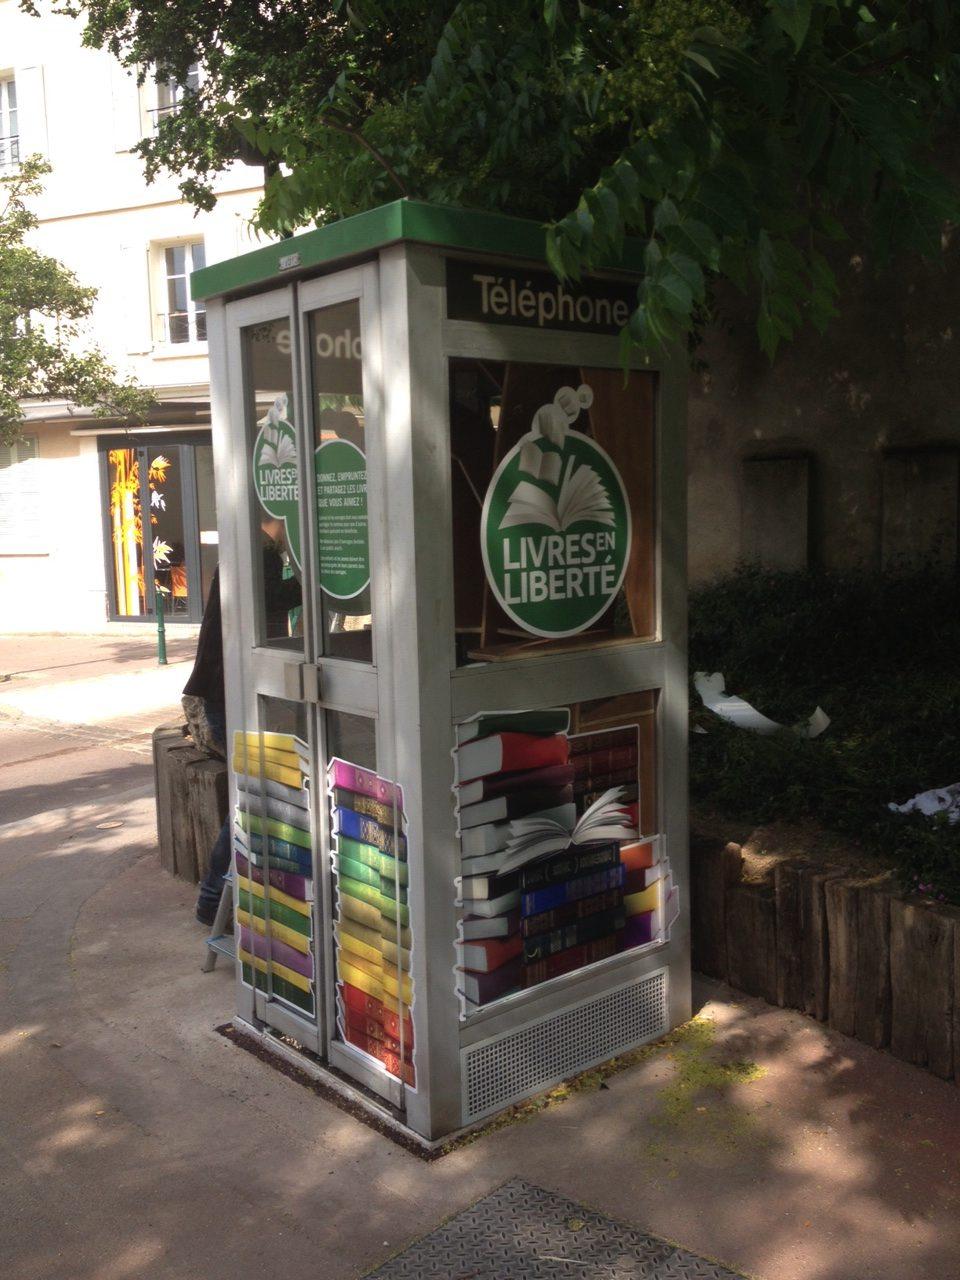 Rueil-Malmaison installe une bibliothèque-communautaire dans une cabine téléphonique (78)